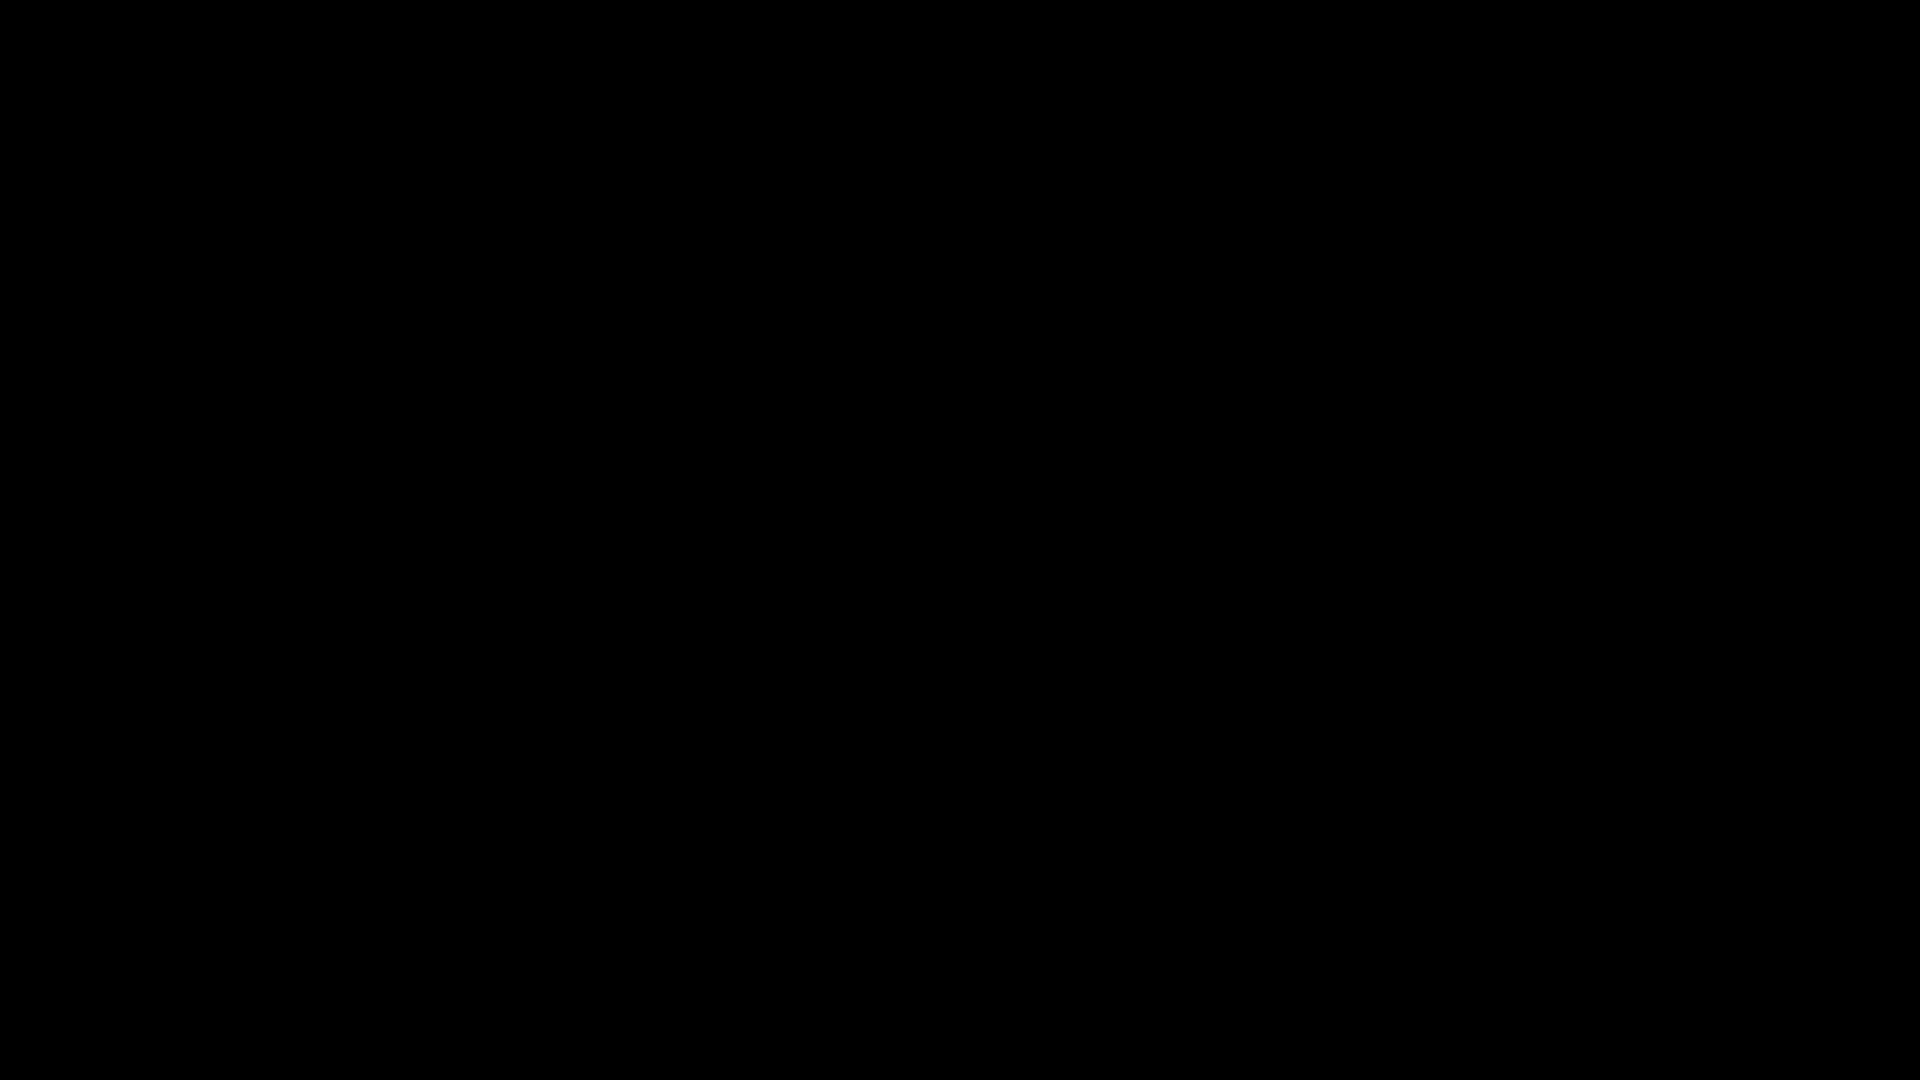 高画質露天女風呂観察 vol.032 入浴 AV無料動画キャプチャ 98枚 11